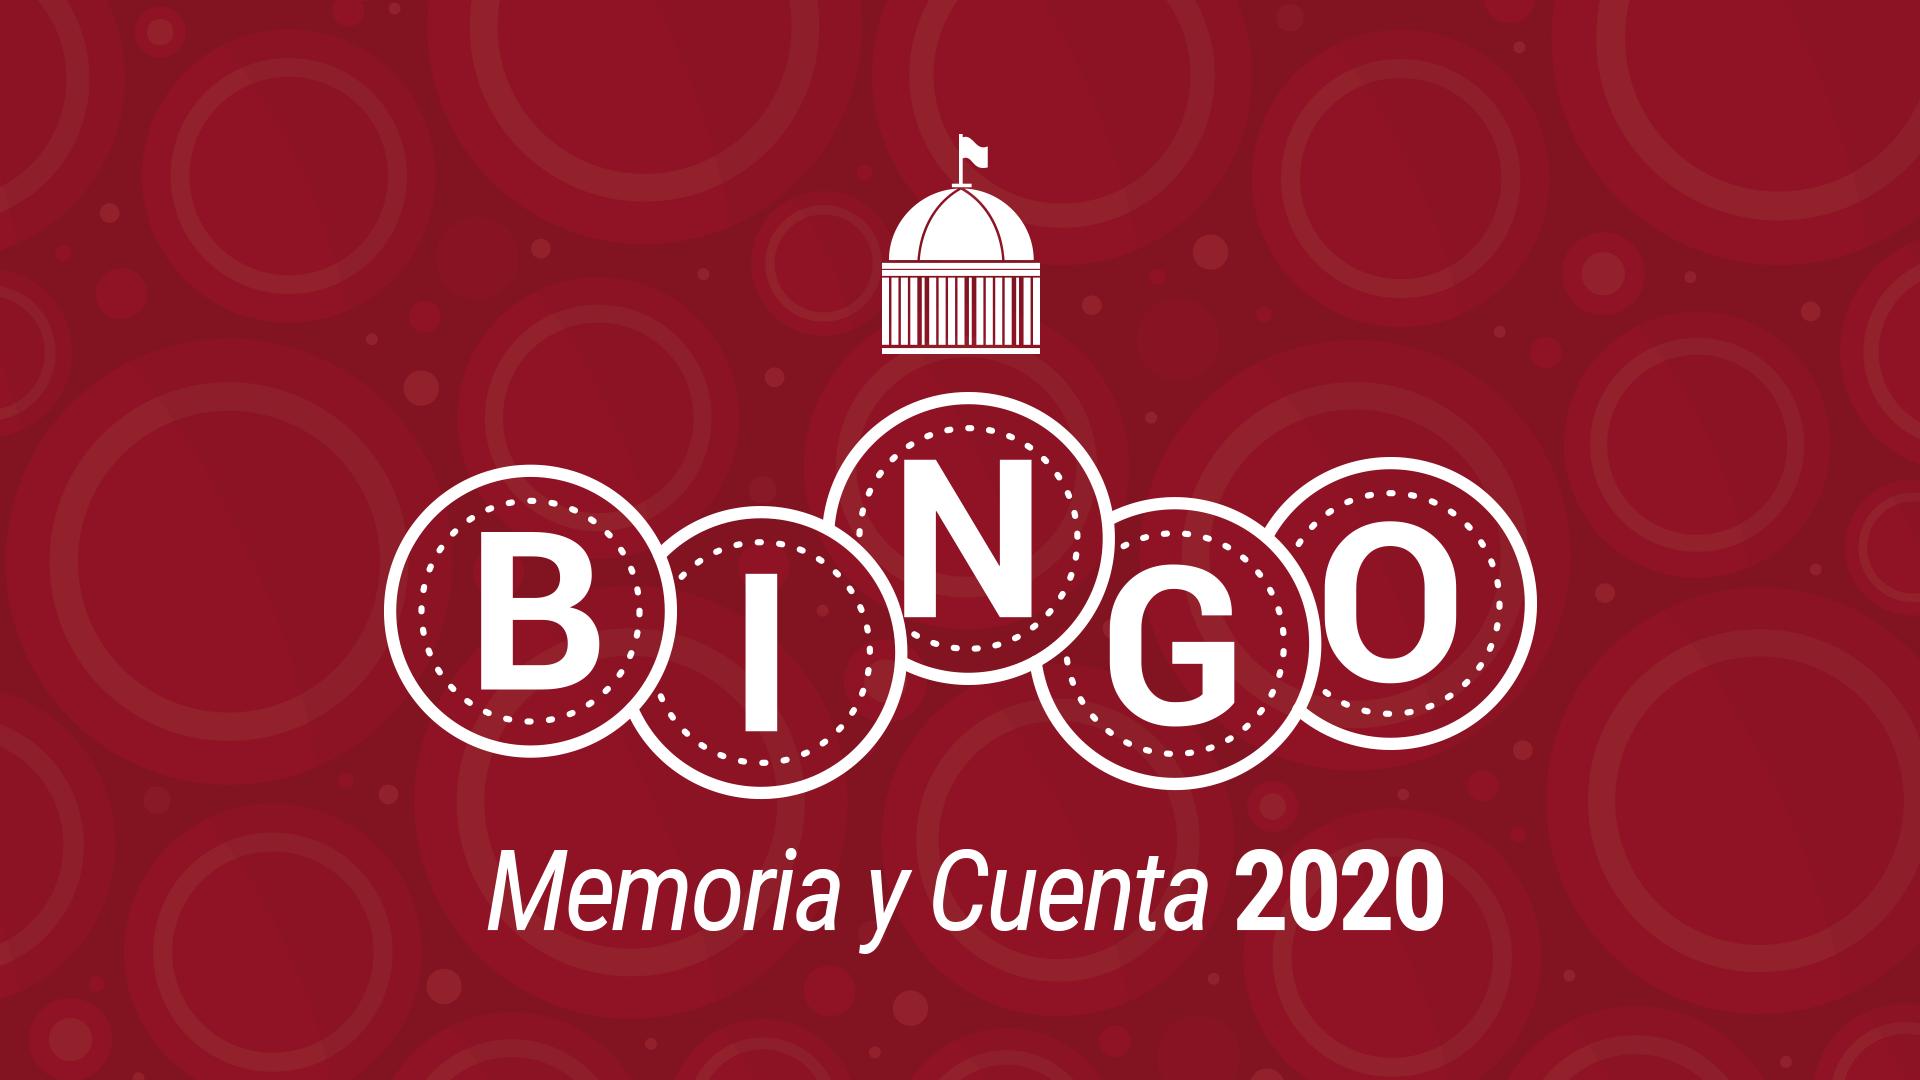 Juega con Runrunes: El Bingo de la Memoria y Cuenta